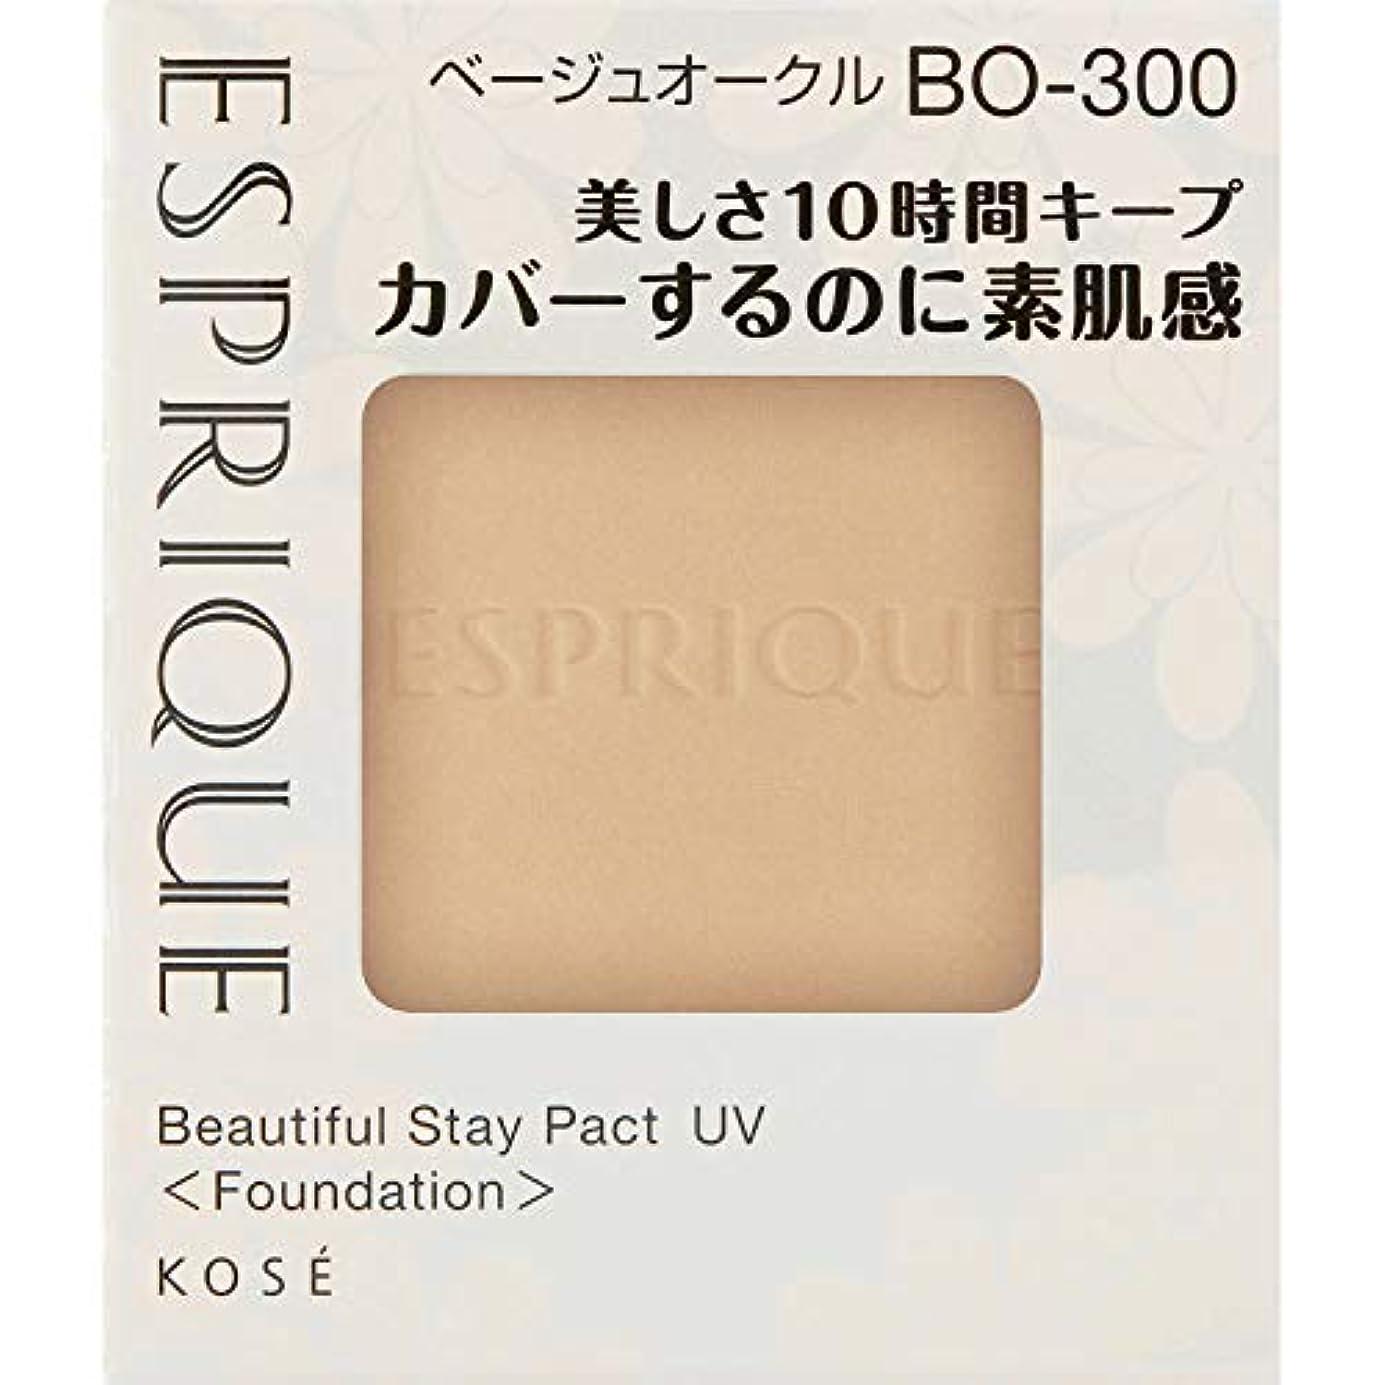 屋内で発掘するいいねエスプリーク カバーするのに素肌感持続 パクト UV BO-300 ベージュオークル 9.3g